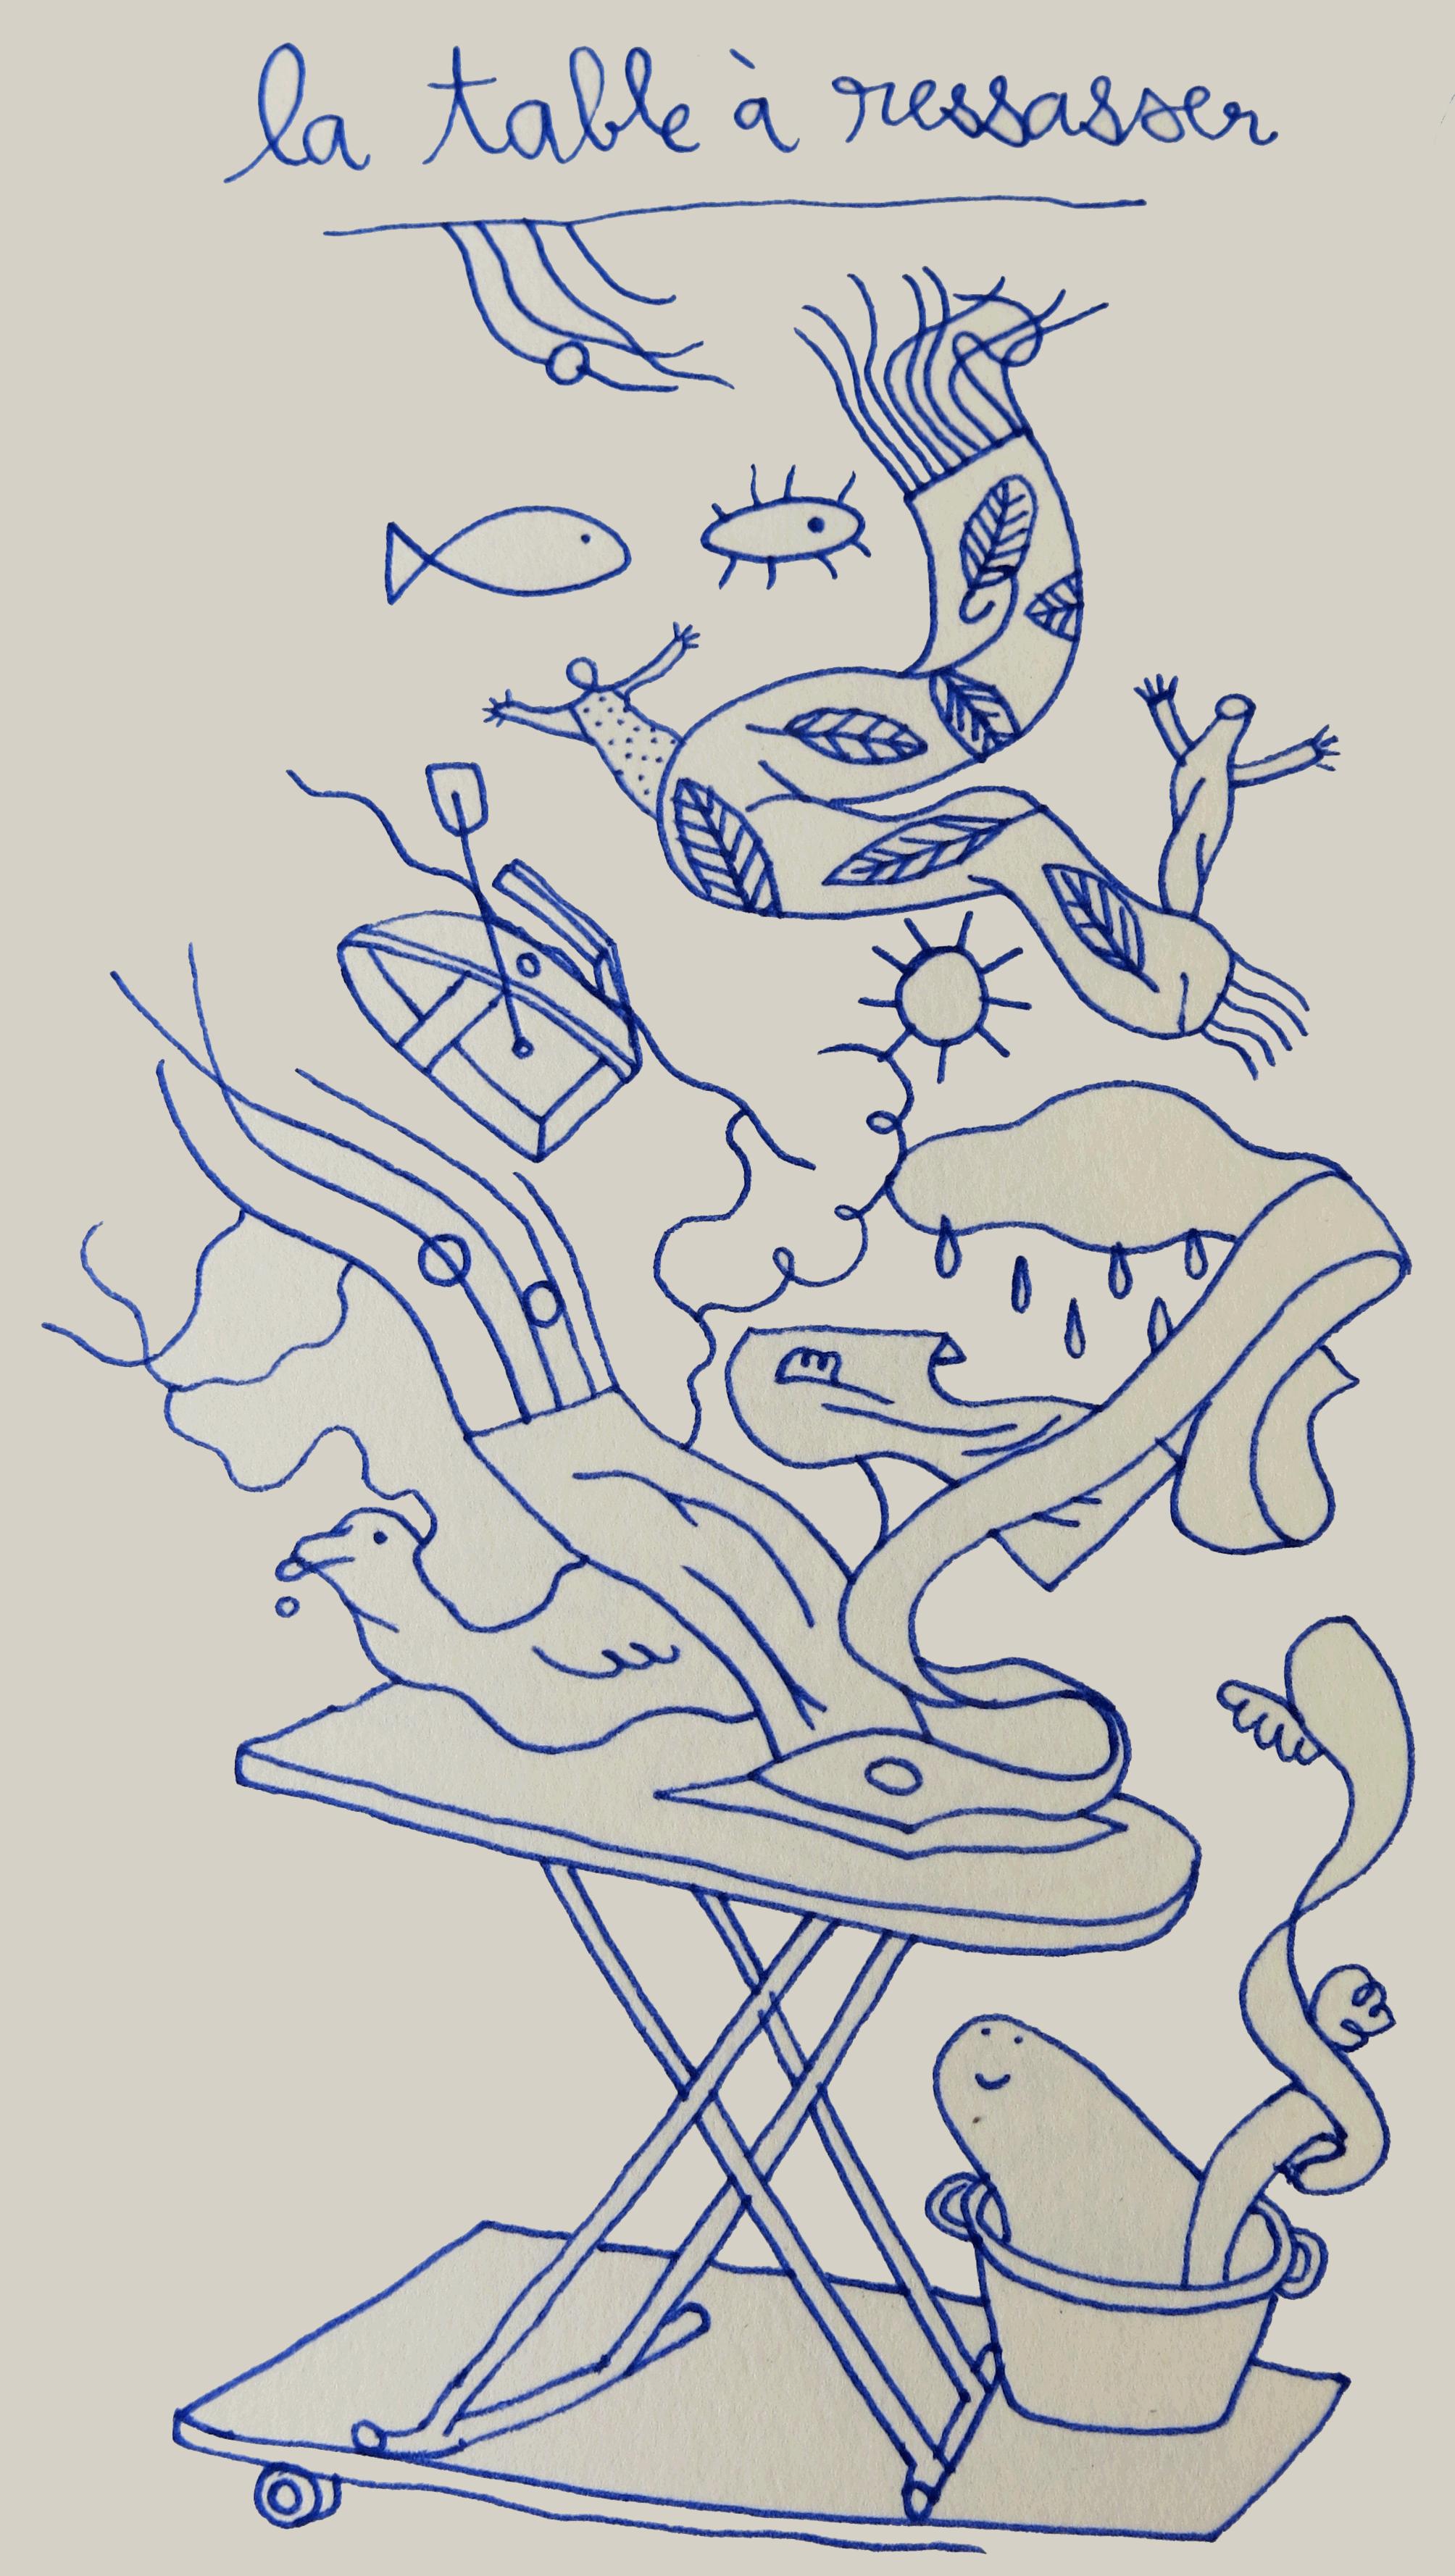 table à ressasser